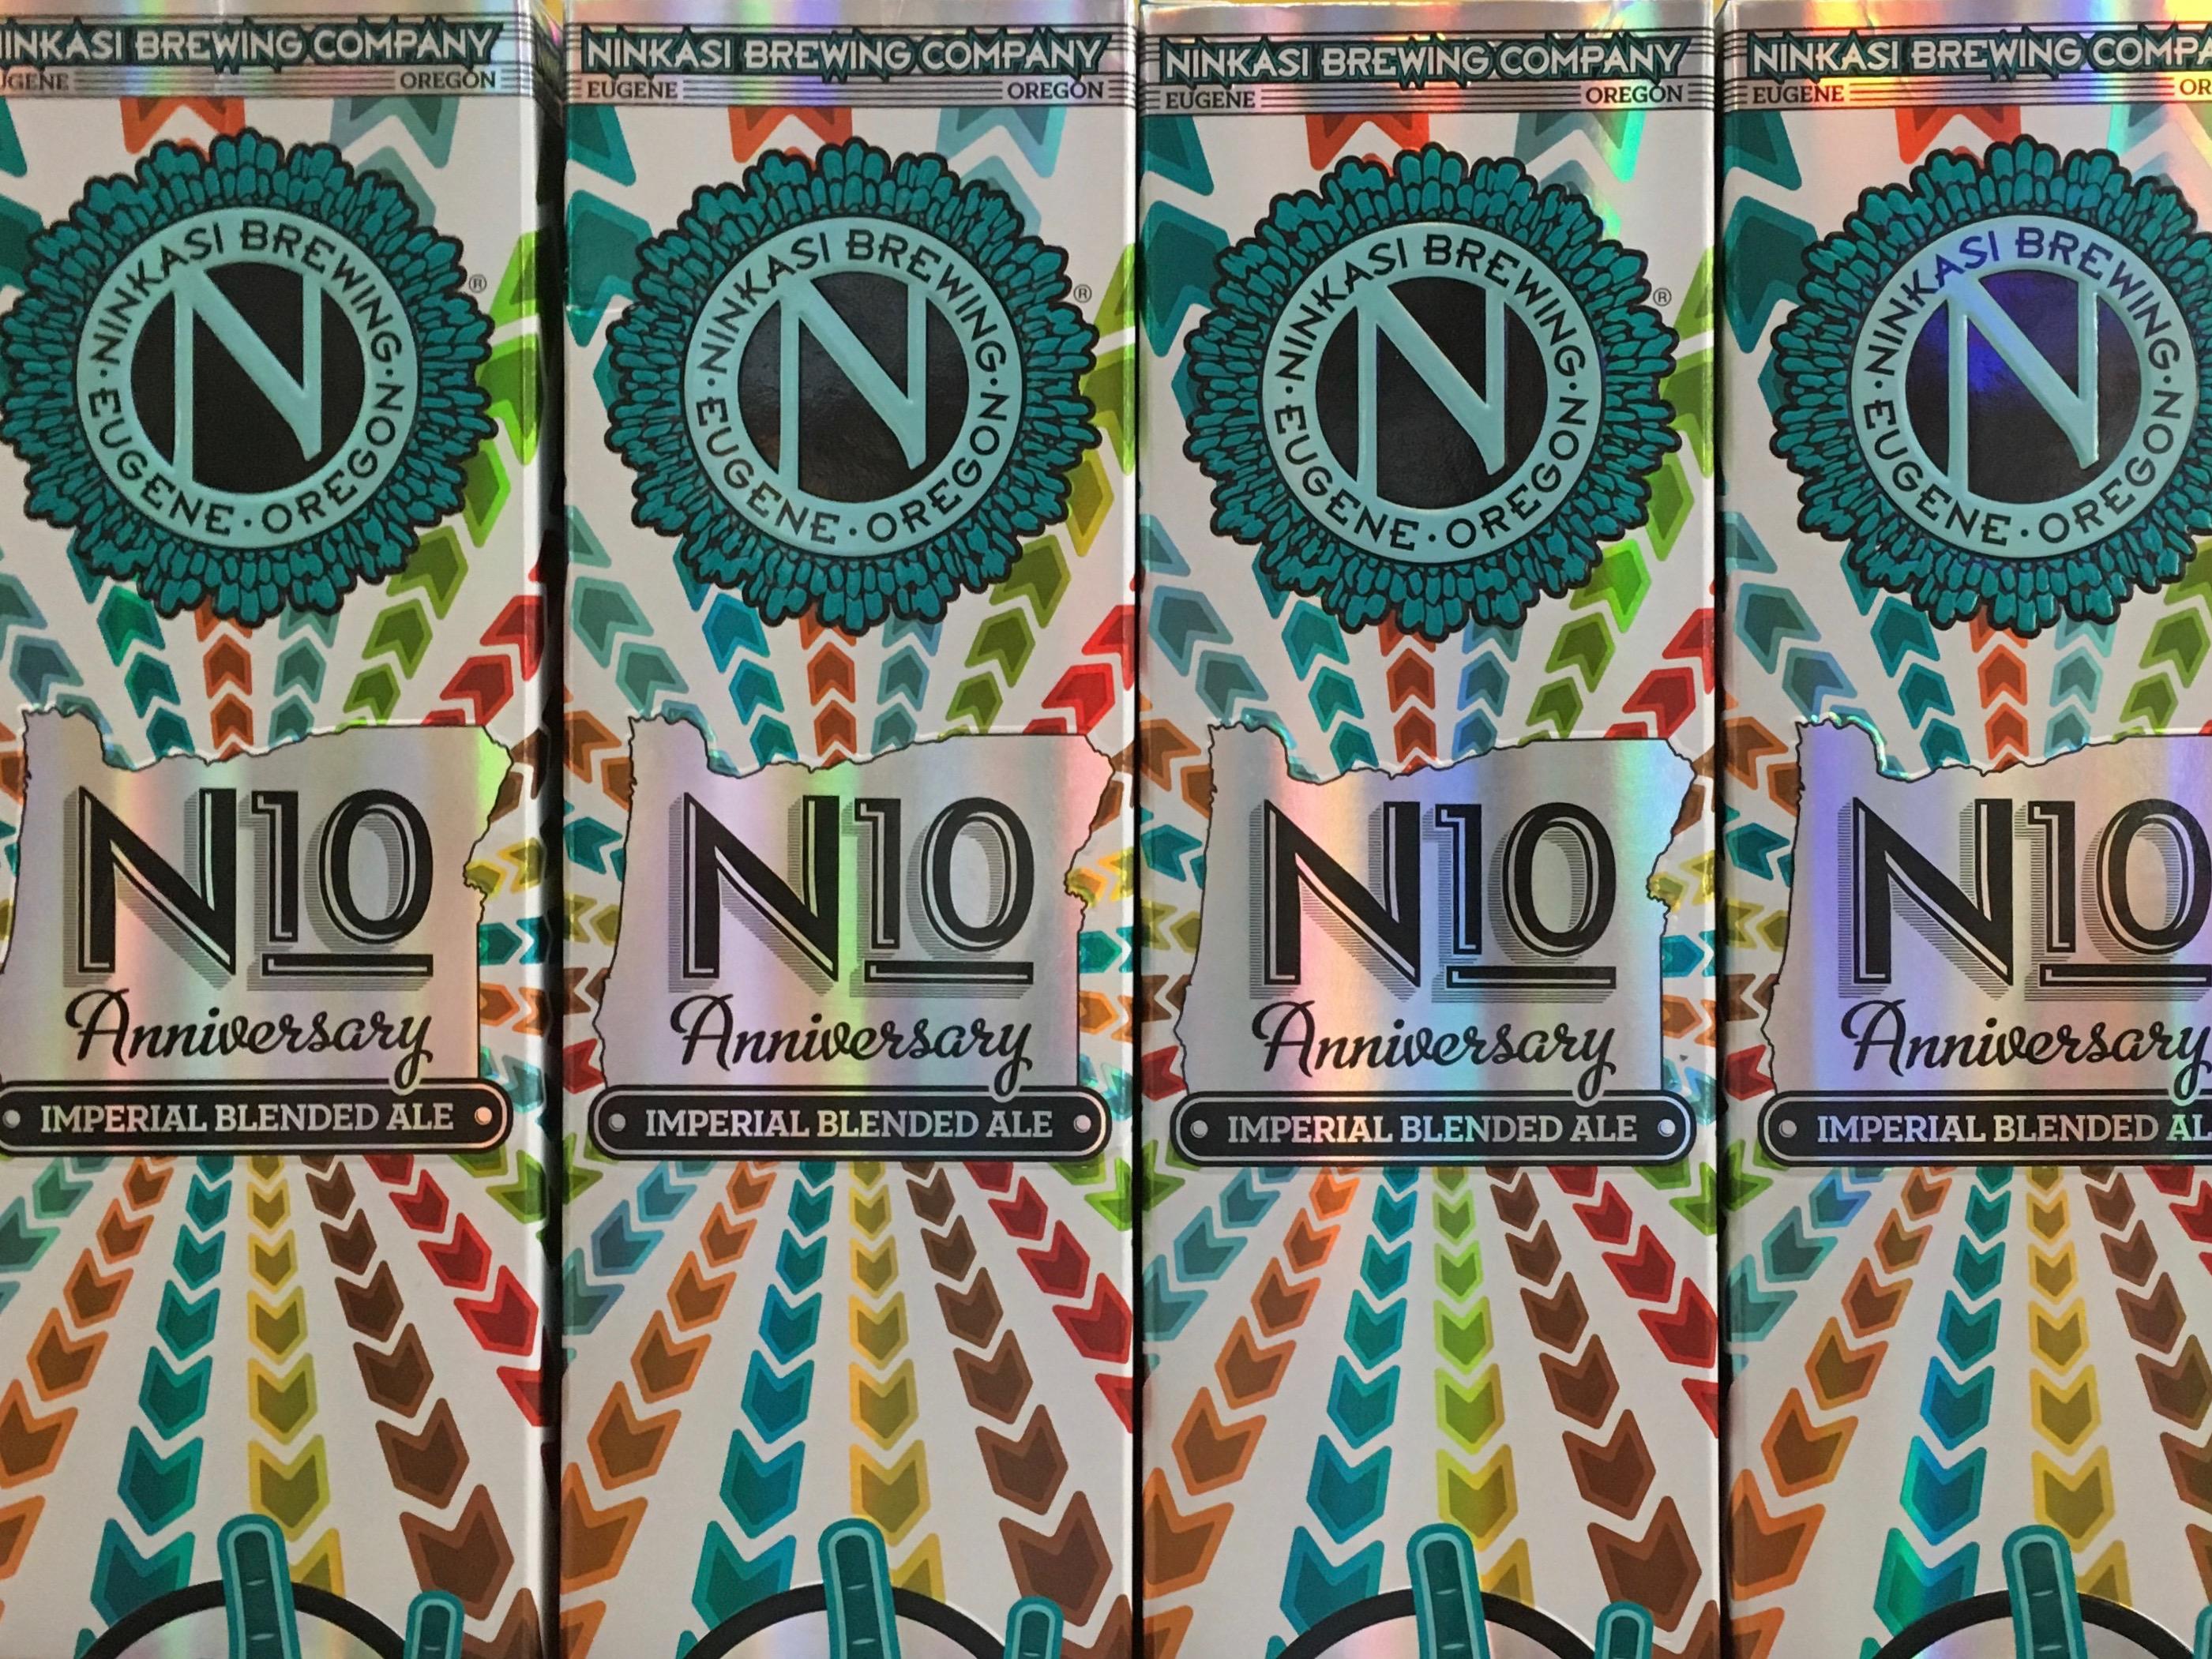 N10 packaging celebrating 10 Years of brewing at Ninkasi Brewing.